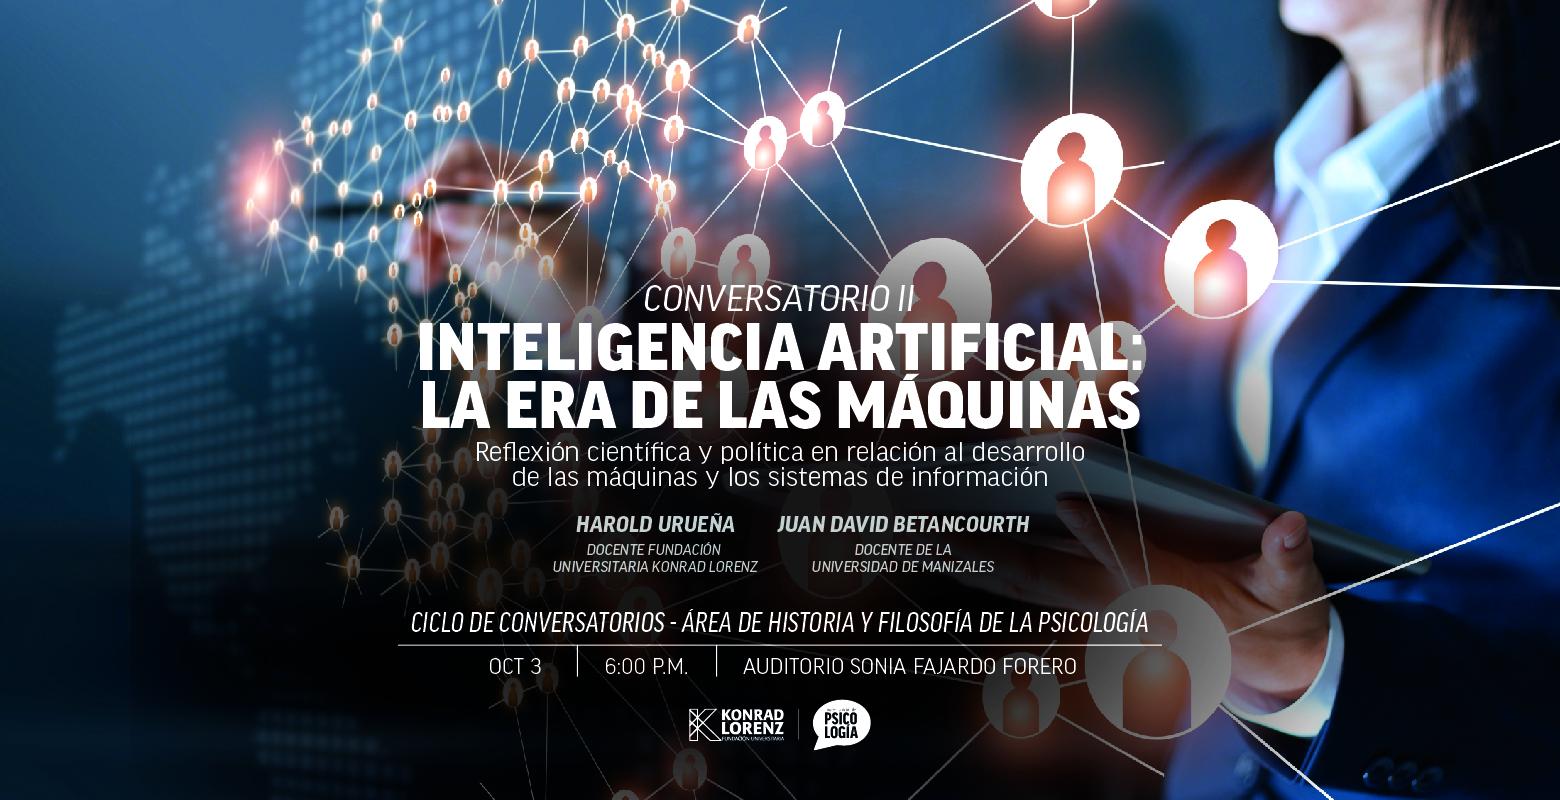 Ciclo de conversatorios | Segundo Conversatorio | Inteligencia Artificial: la era de las máquinas